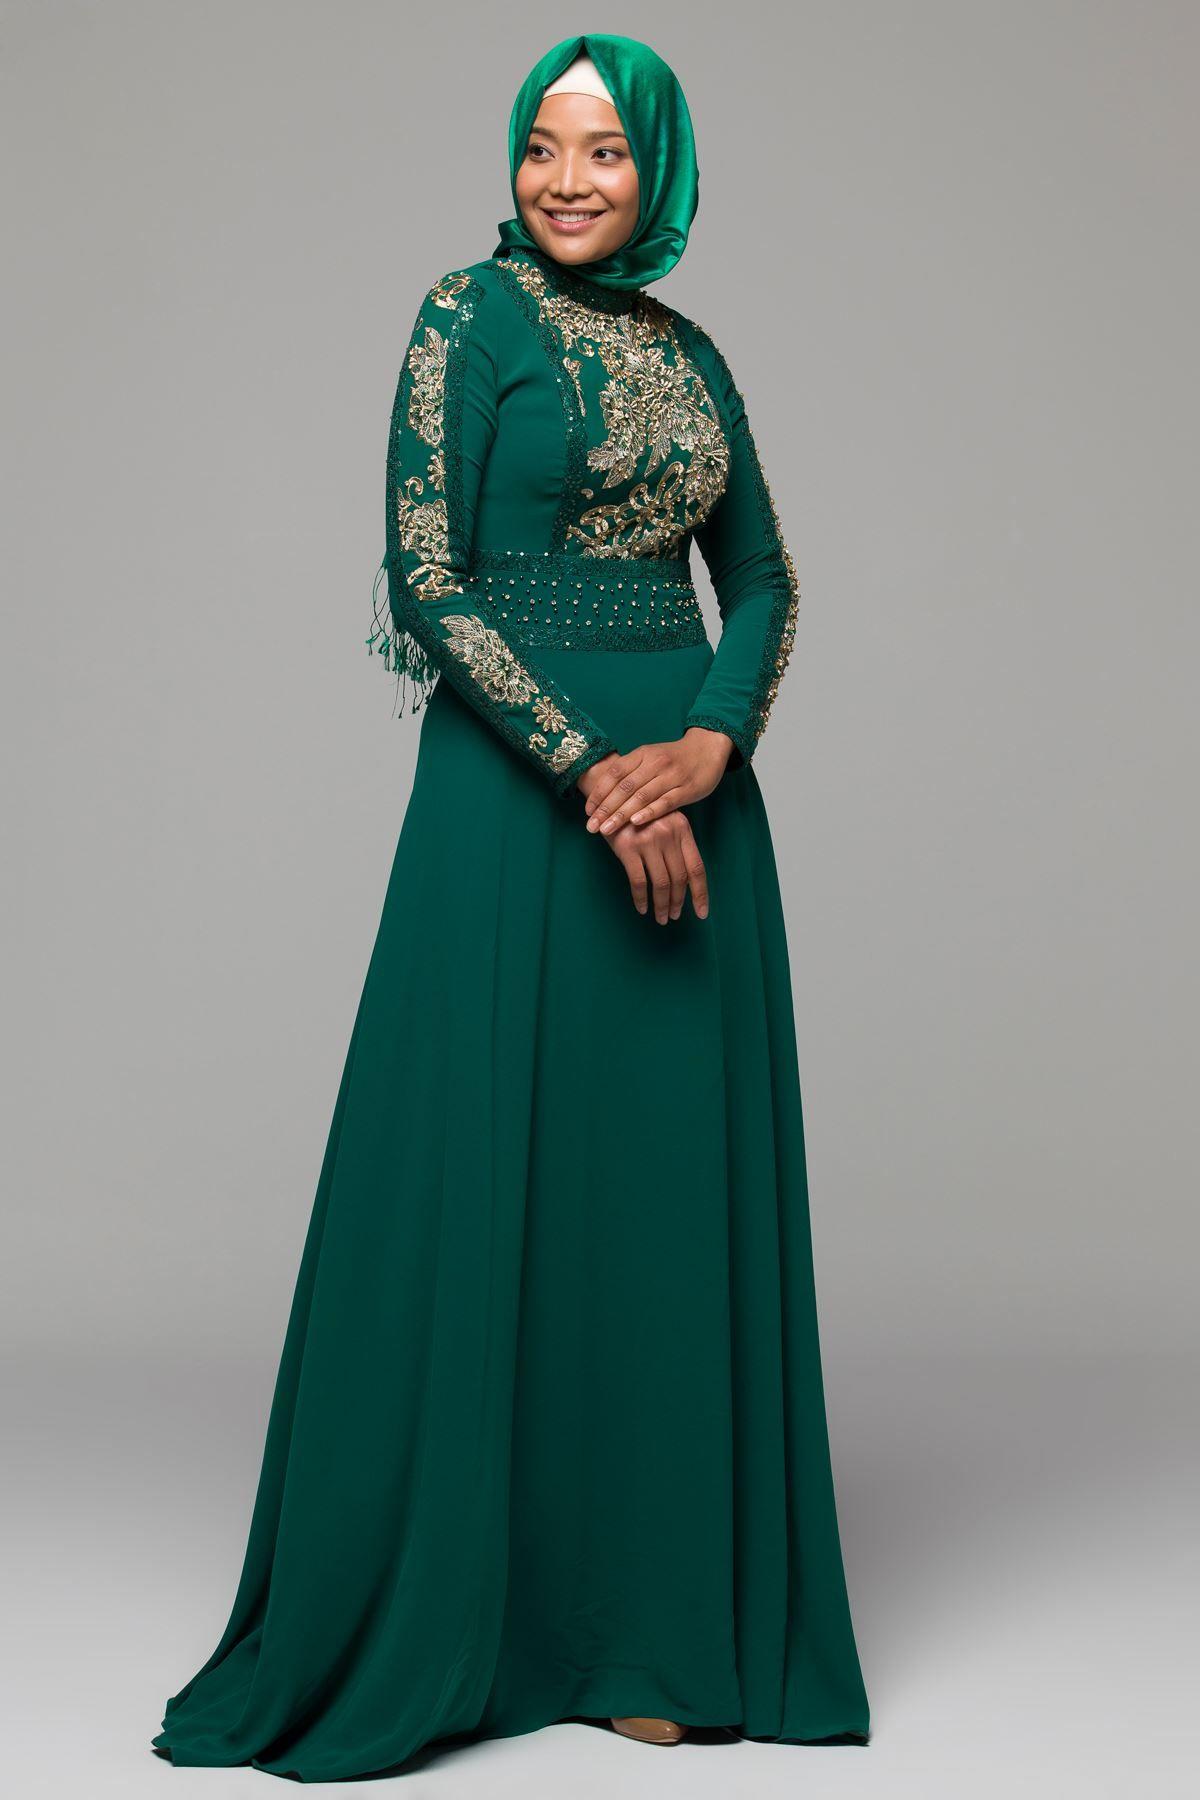 2018 Armine Tesettur Abiye Elbise Modelleri Https Www Tesetturelbisesi Com 2018 Armine Tesettur Abiye Elbise Modelleri Pina Fashion Hijab Fashion Hijab